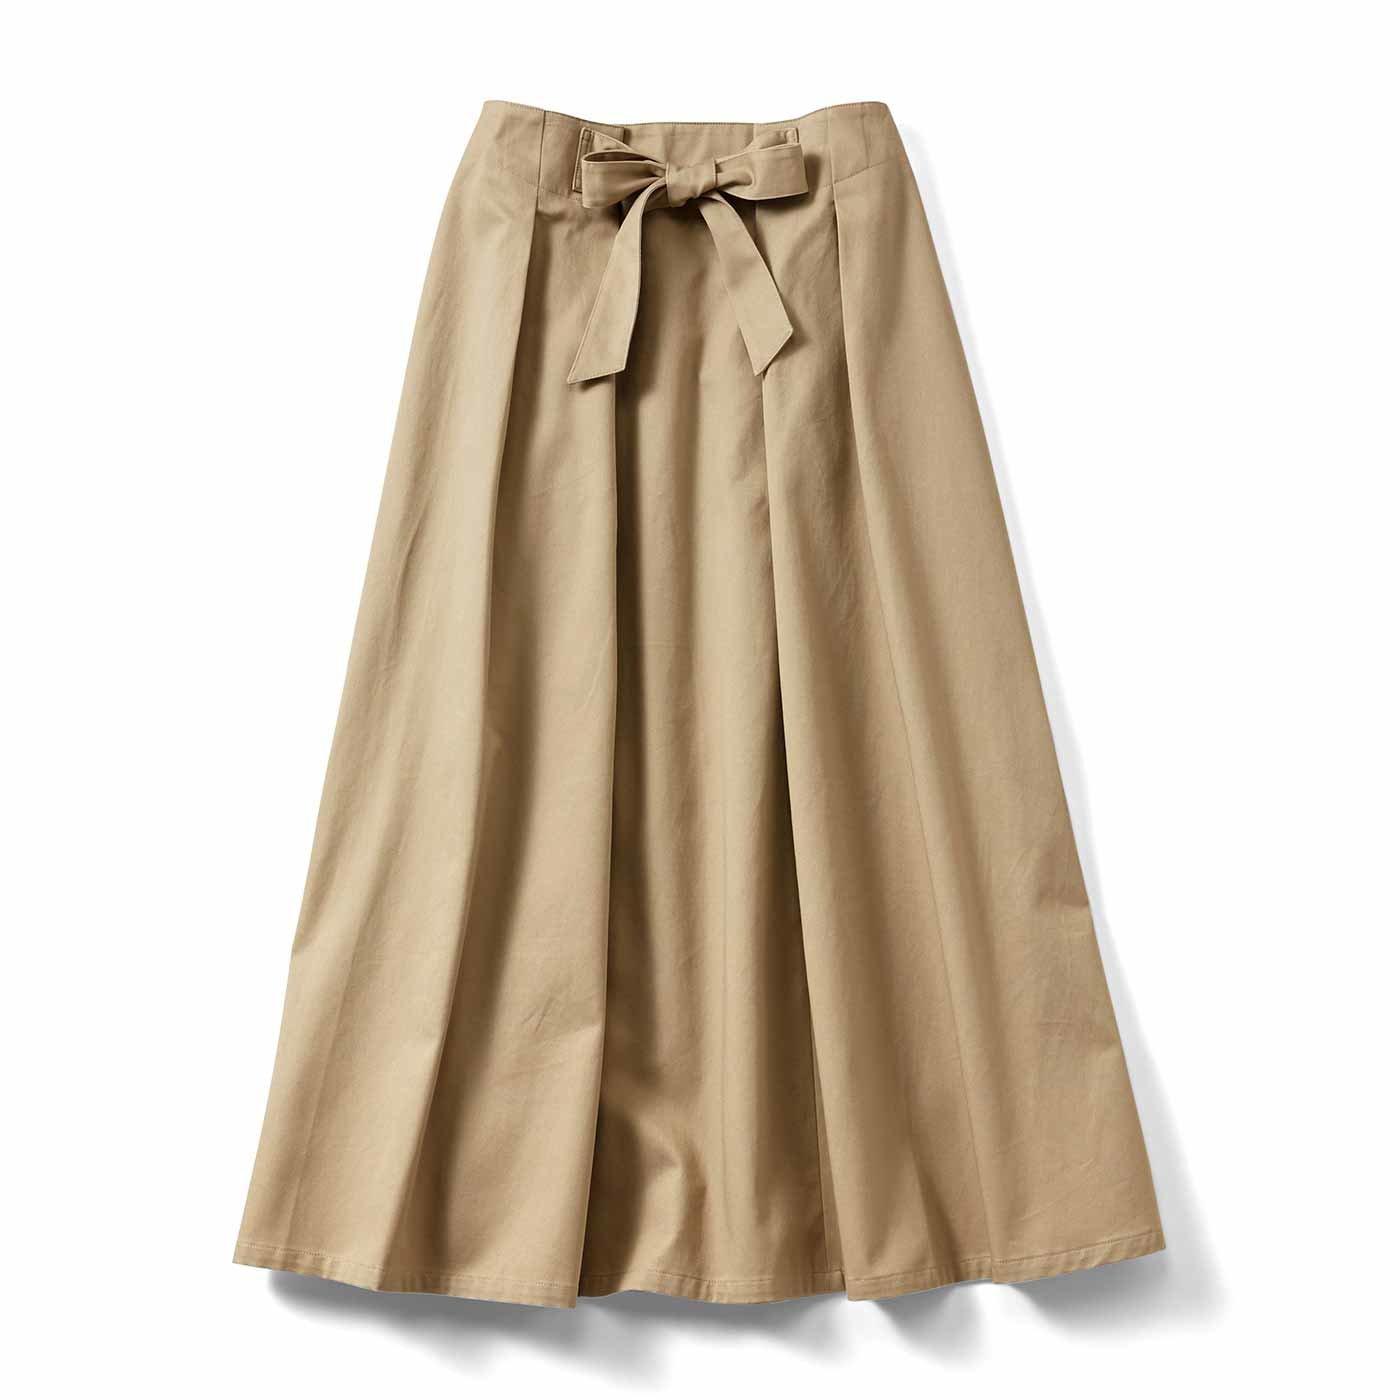 IEDIT[イディット] フレアーラインがきれいに広がる ロングスカート〈ベージュ〉